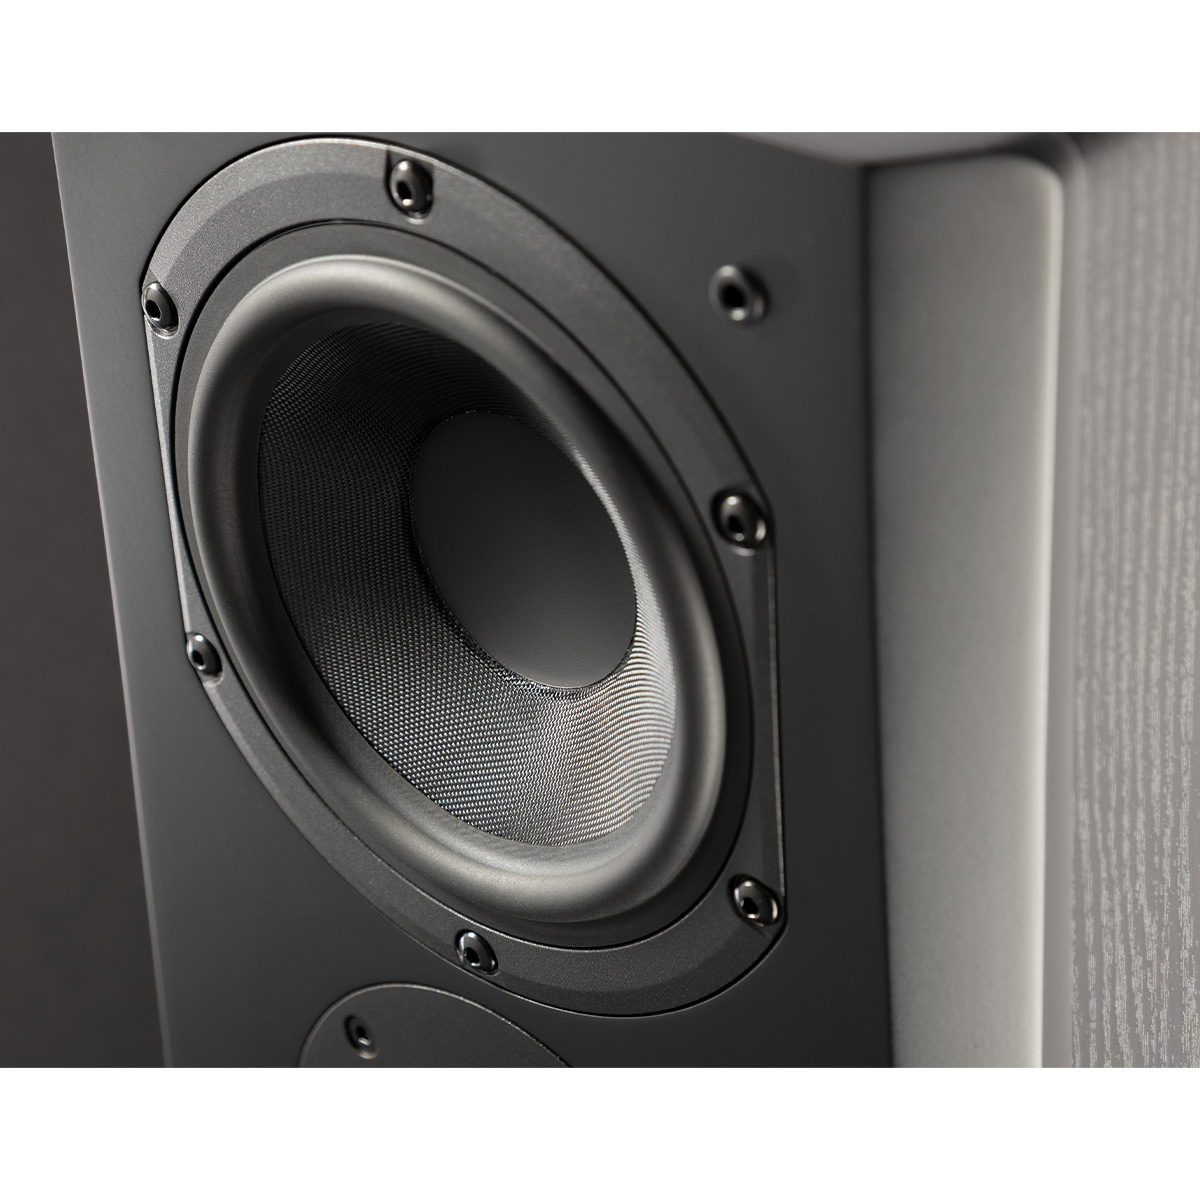 thumbnail 10 - SVS Prime Pinnacle Floorstanding Speakers - Pair